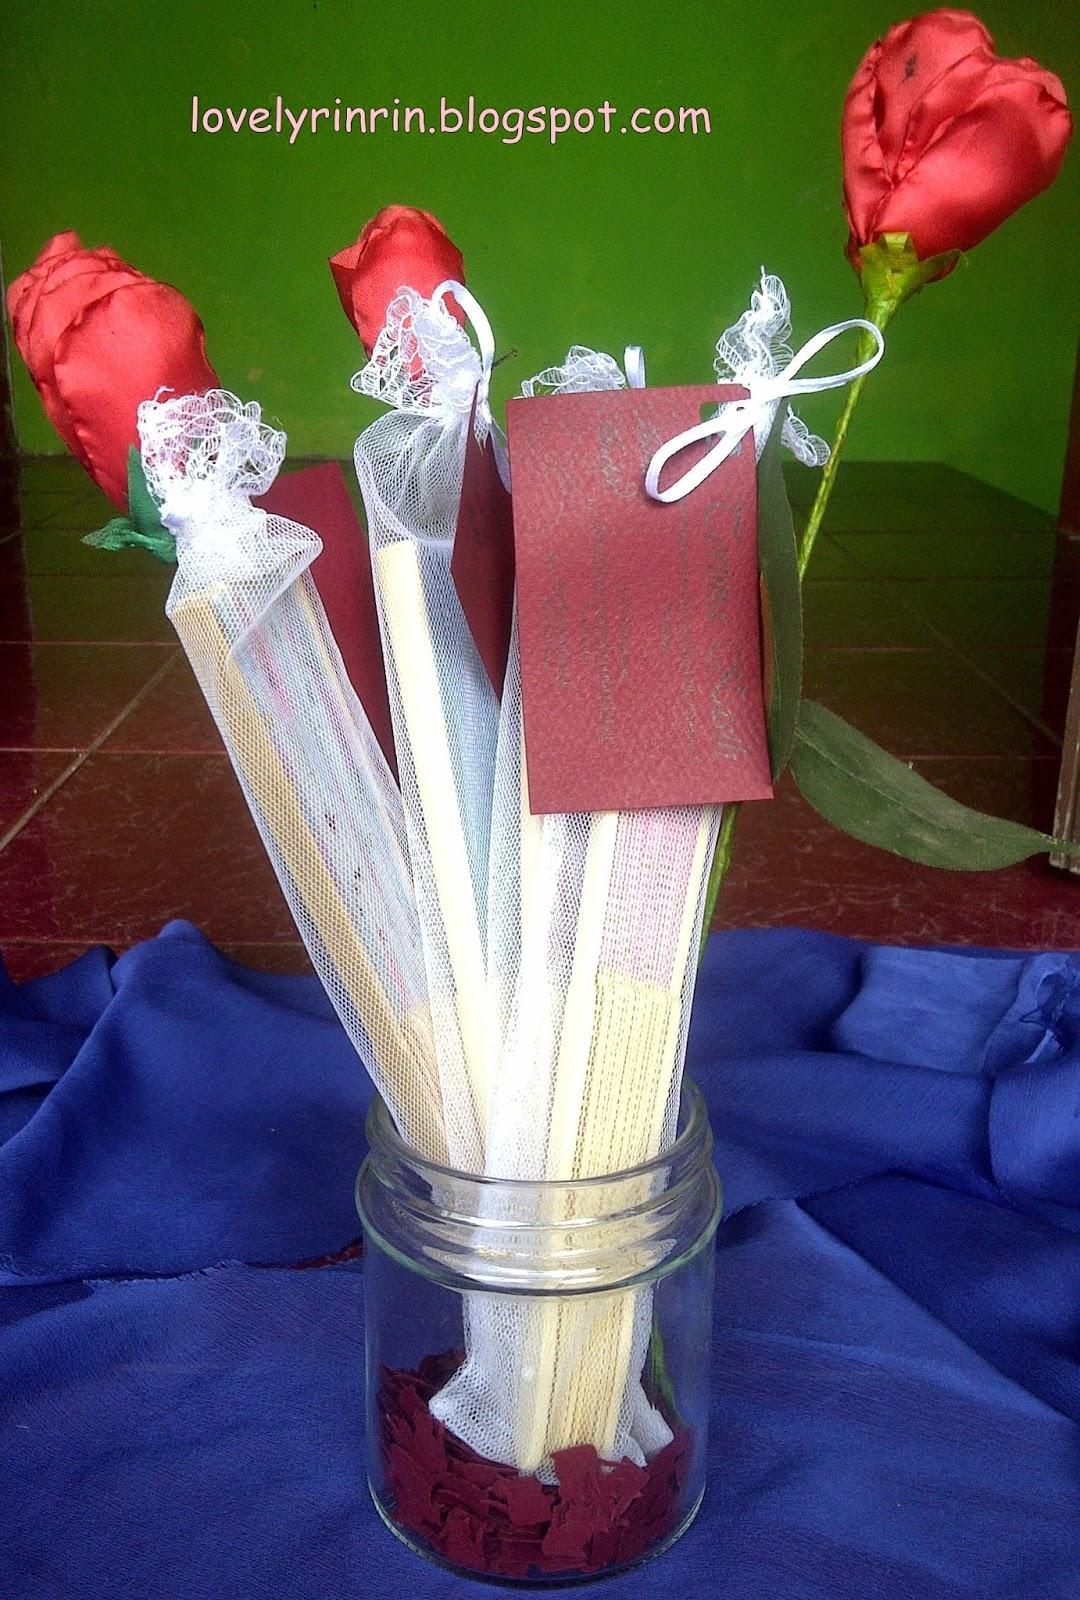 Lovely Rienz Souvenir Pernikahan Kartu Ucapan Terima Kasih Gue Iket Iketin Di Dibantu Sama Ade Termasuk Bolongin Cuma Peda Dari Yang Lain